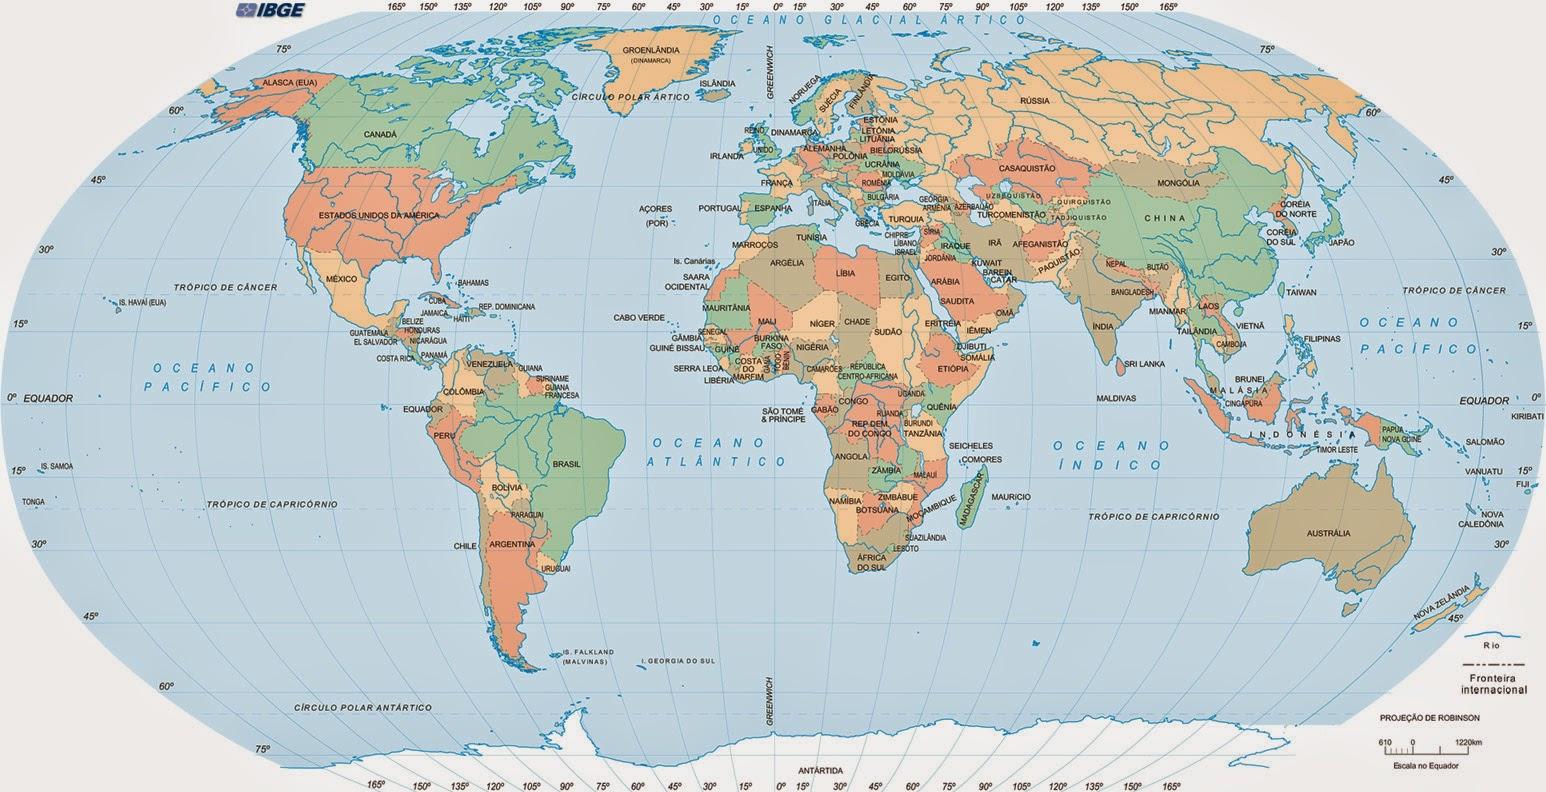 Oficina da Histria Transformaes no Mapa Mndi com o fim da URSS